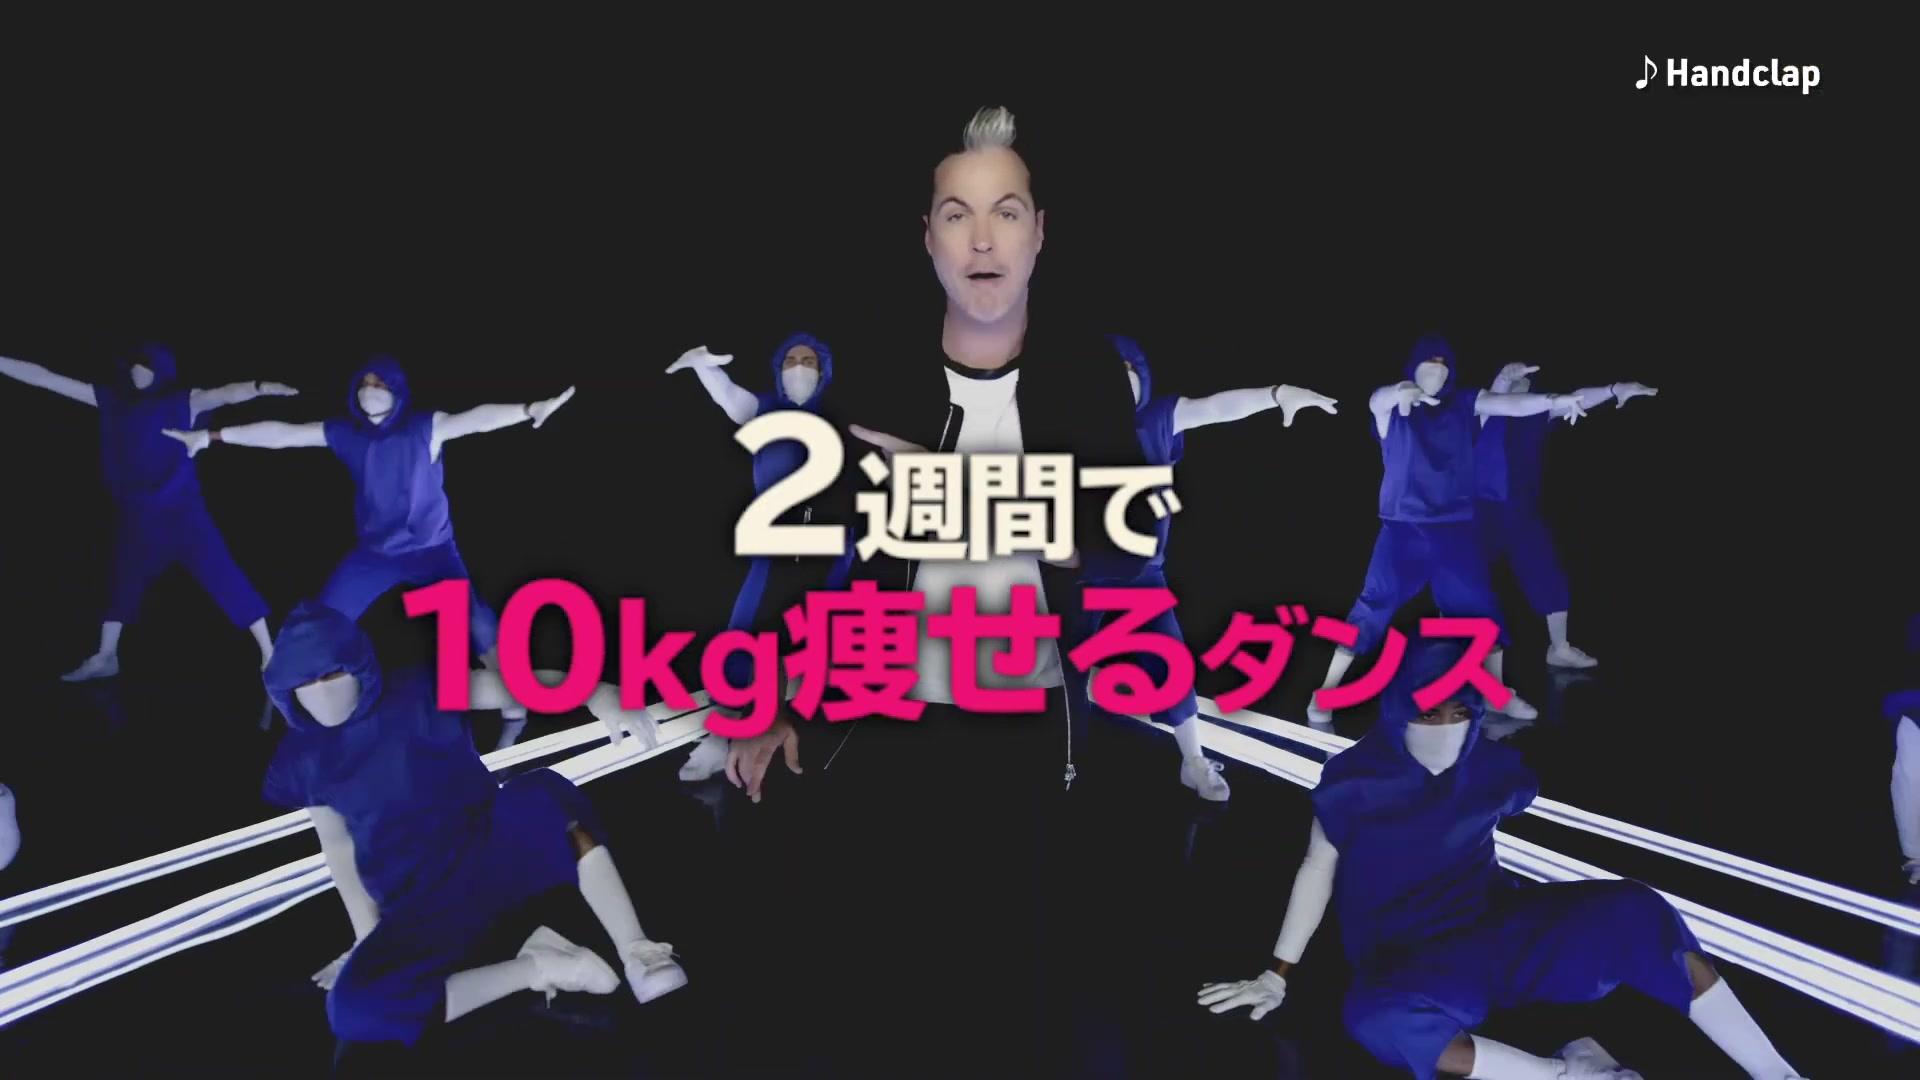 痩せる 曲 ダンス キロ 10